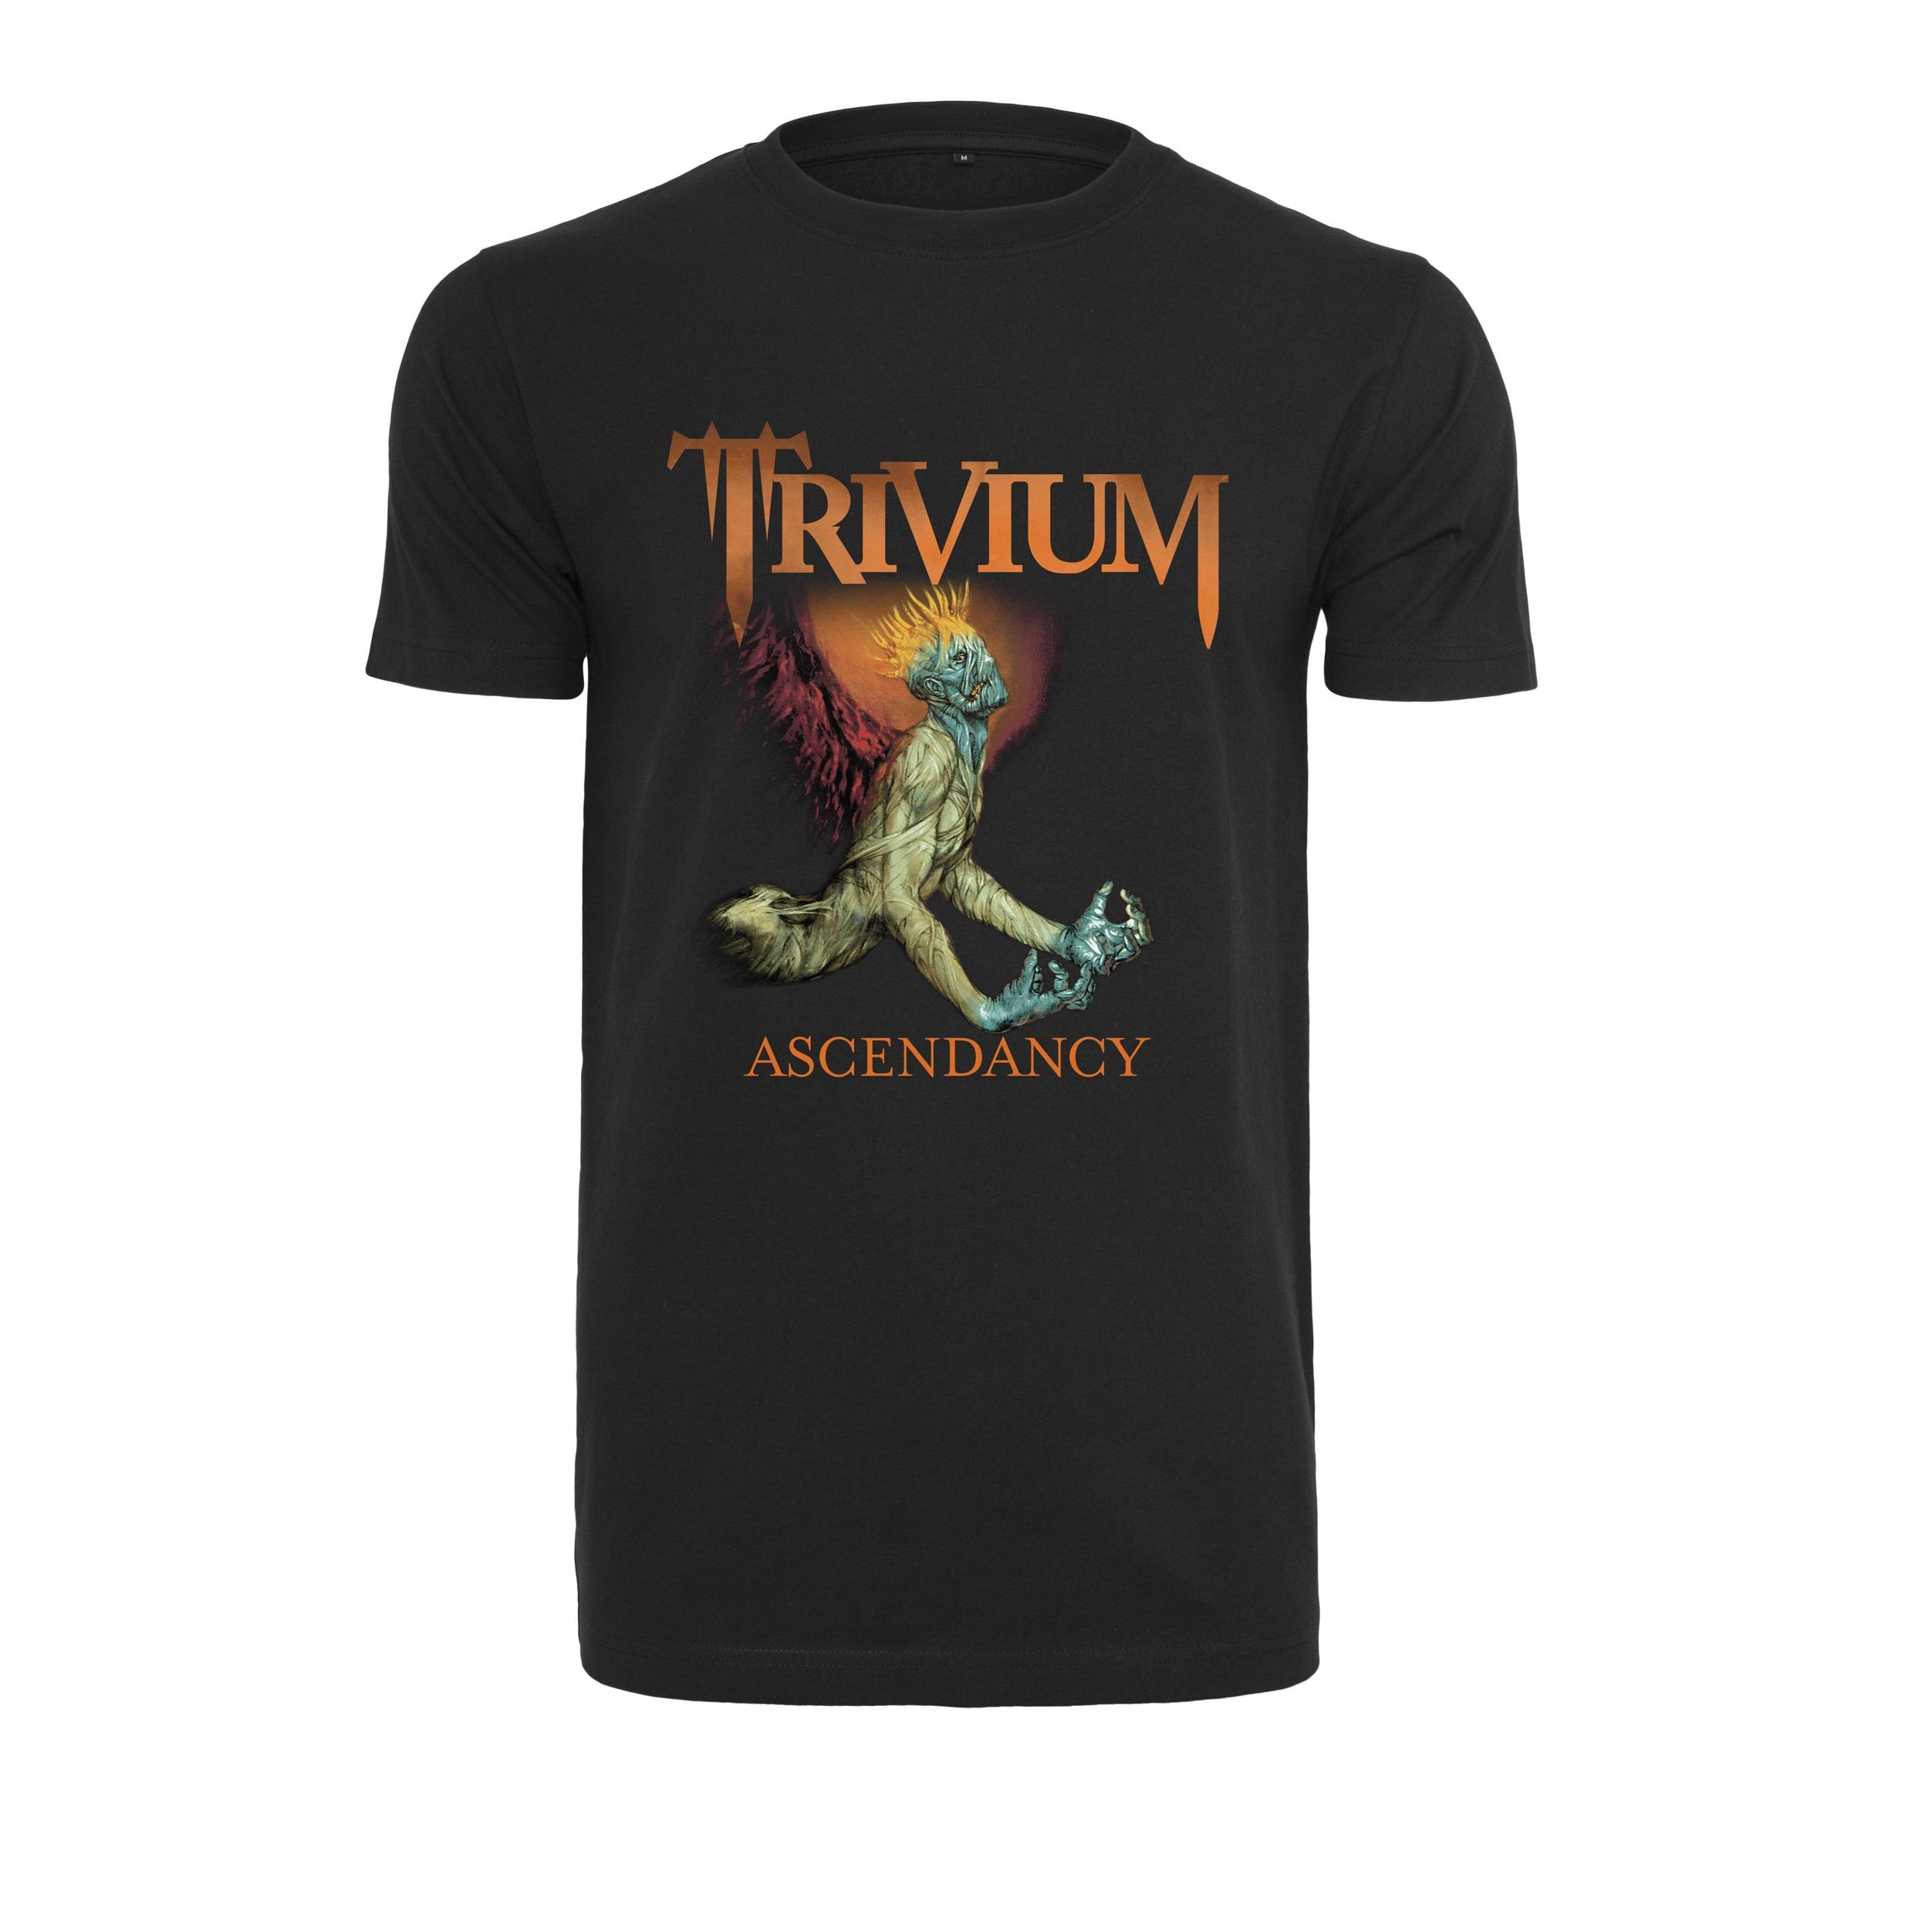 Trivium - Tričko Ascendancy tee - Muž, Čierna, XXL